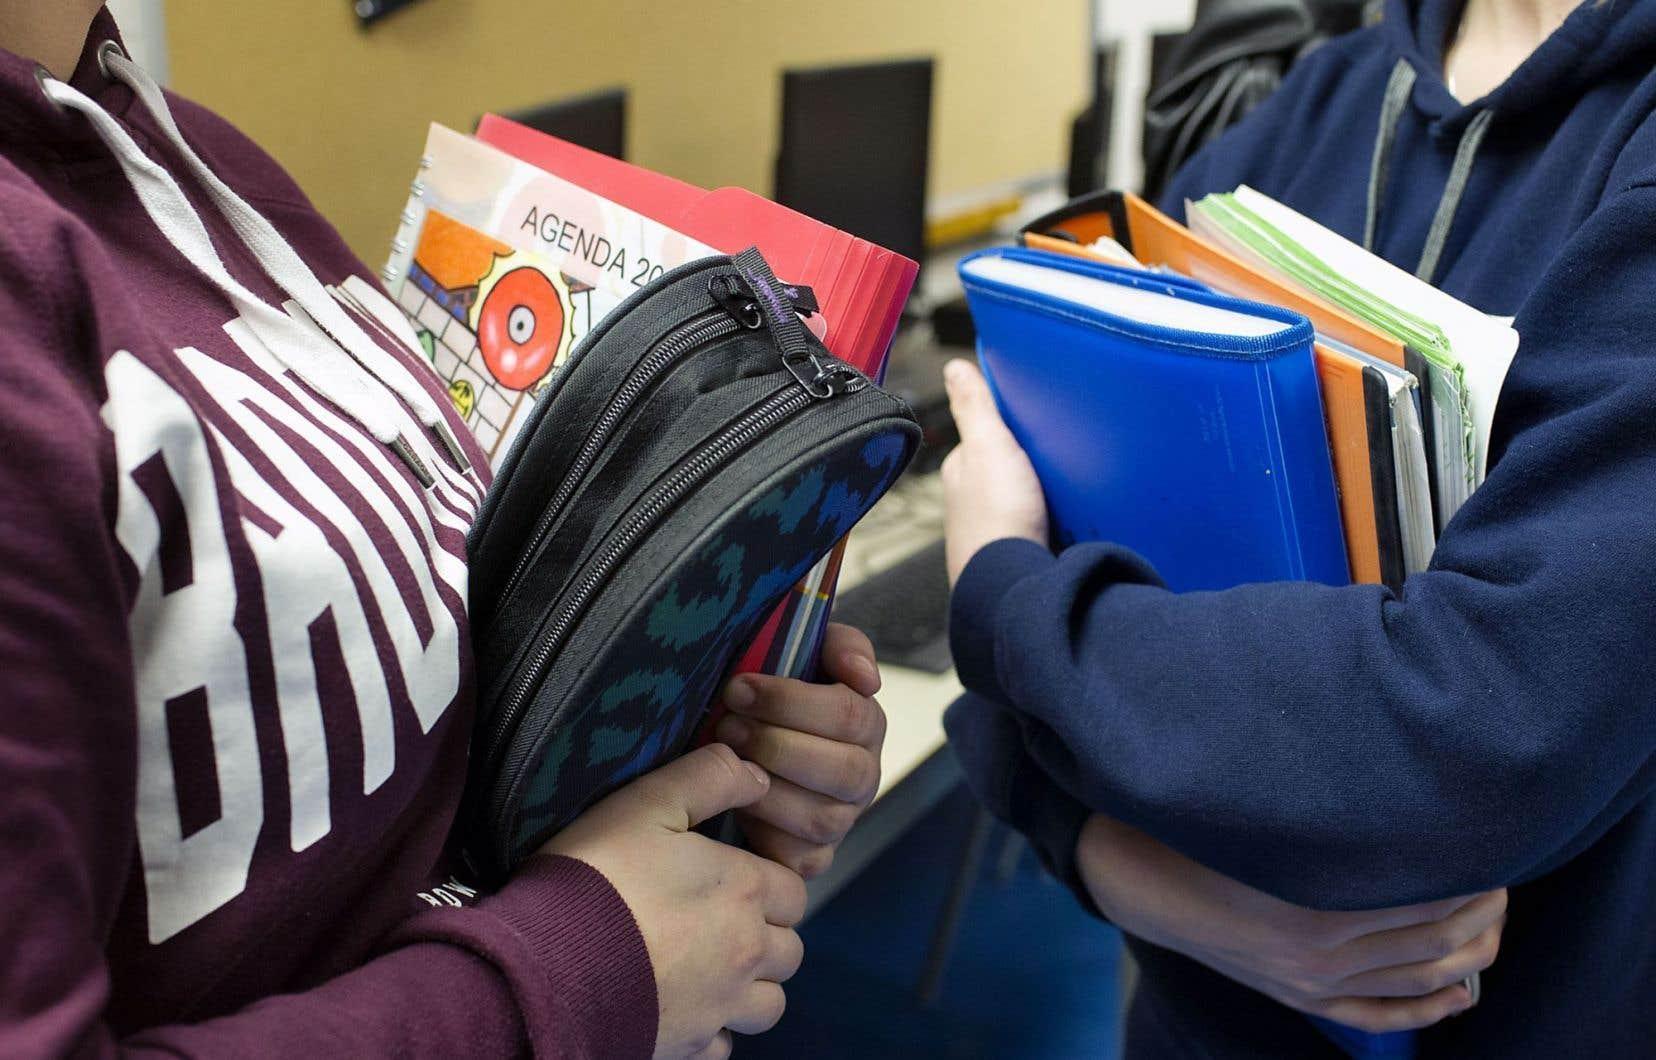 Pas moins de 94% des parents canadiens disent inclure leurs enfants dans le processus de magasinage, notamment en les laissant choisir des articles, à 68%.